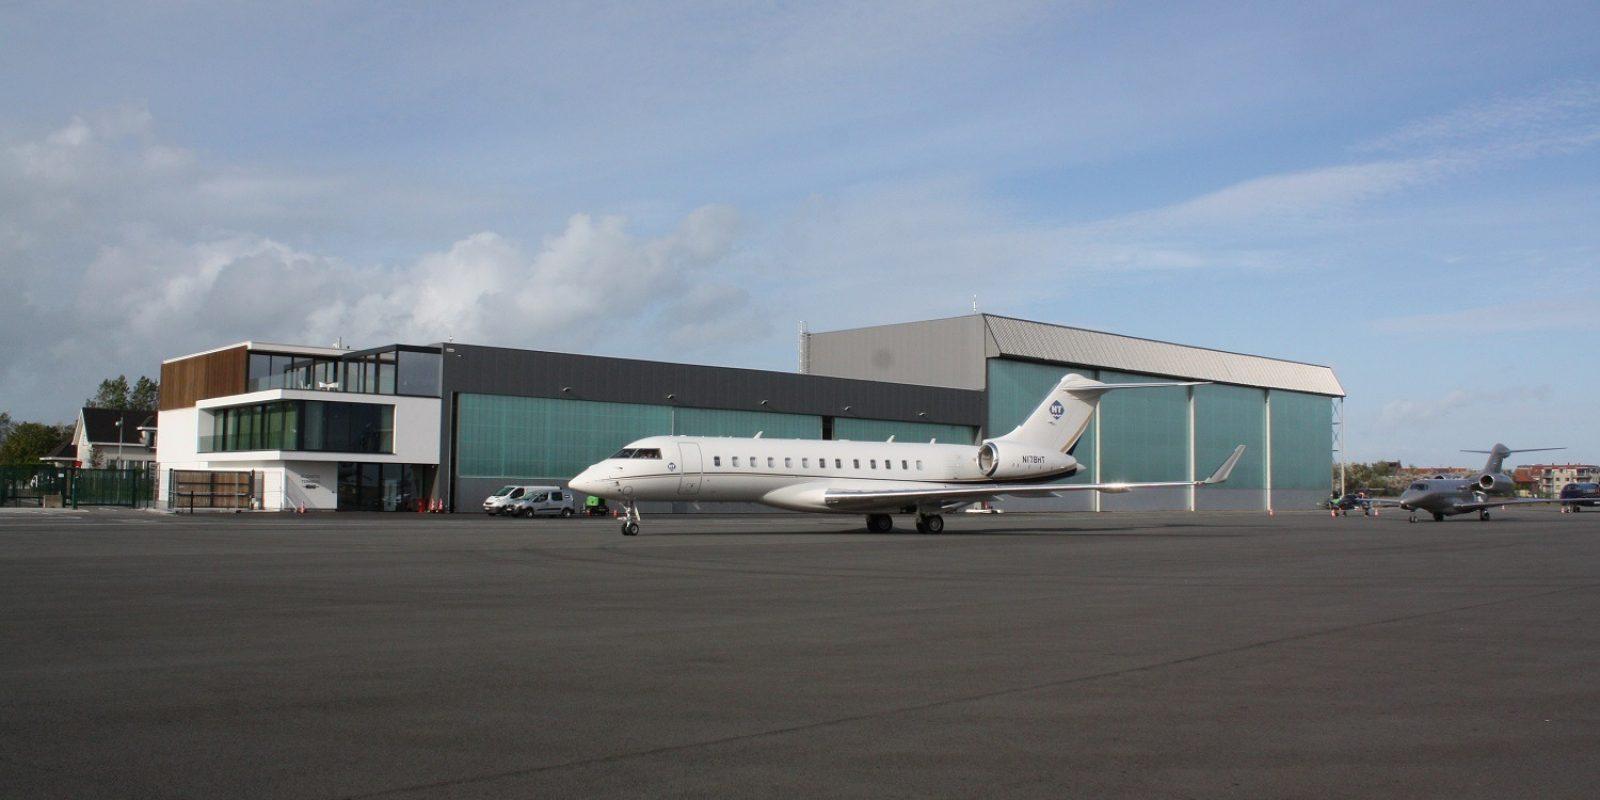 Arrivée au terminal de NSAC d'un biréacteur long-courrier Bombardier Global 6000 représentatif du haut de gamme de l'aviation d'affaires.